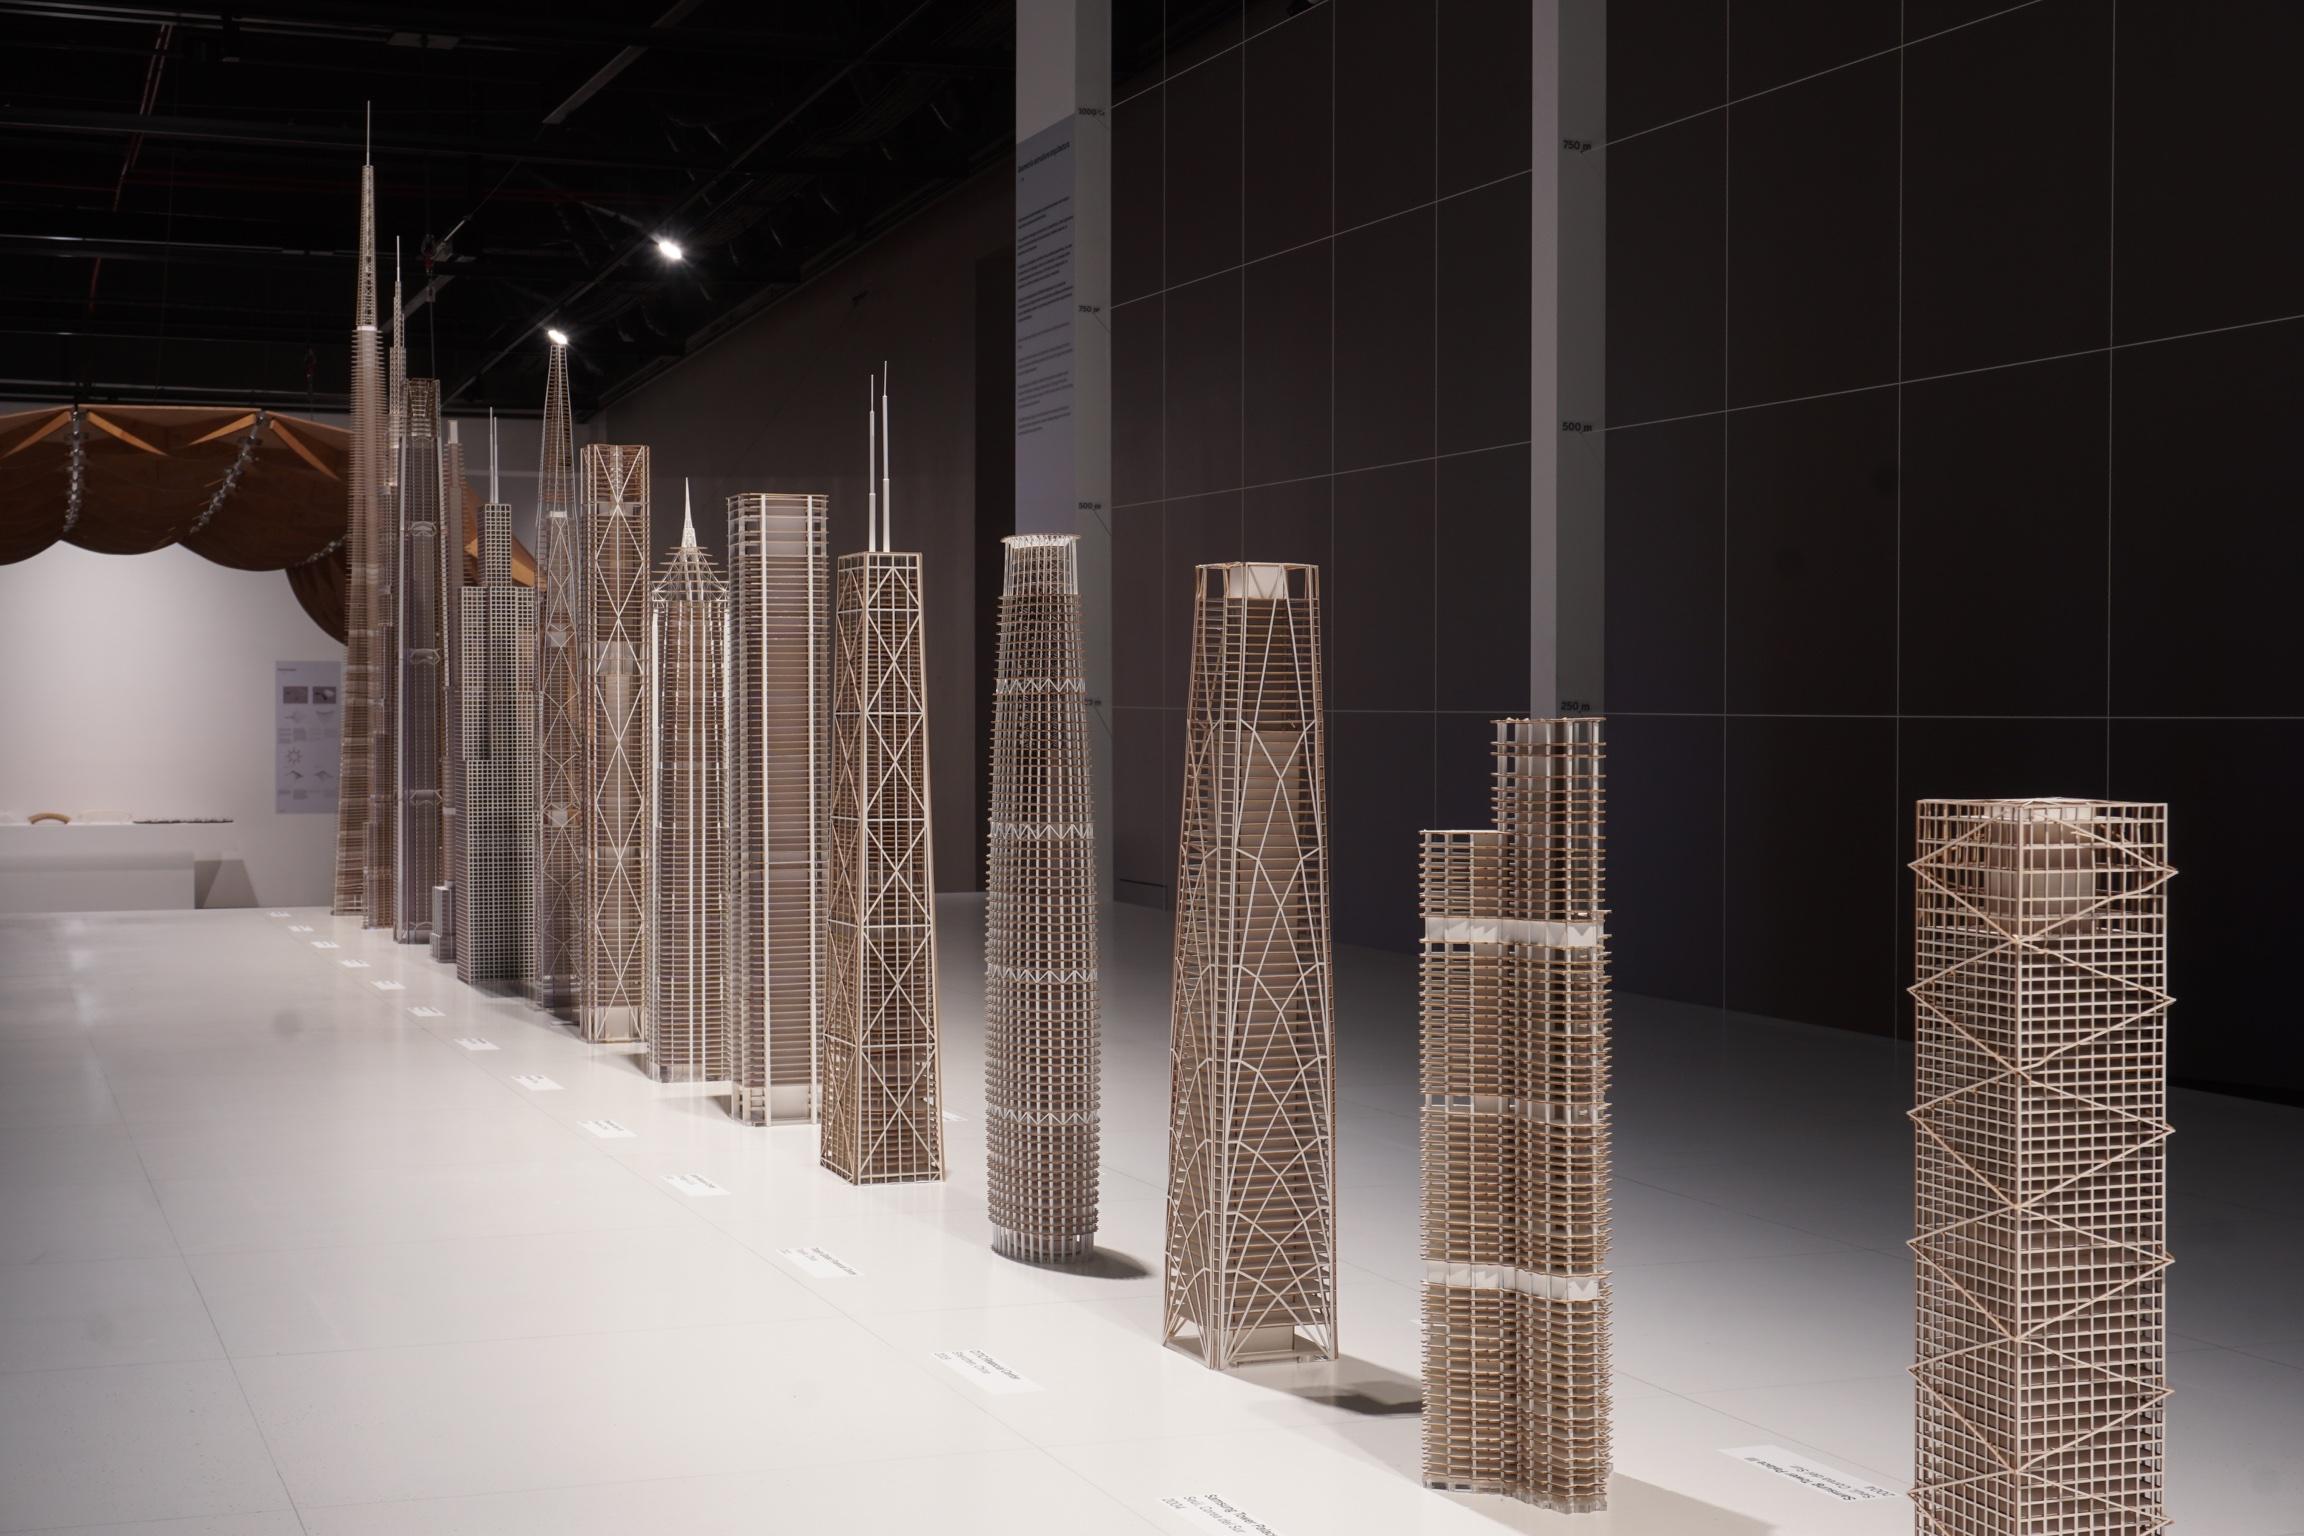 ¡Hora de actuar, arquitectos! Llega Mextrópoli 2020 para abordar la crisis climática